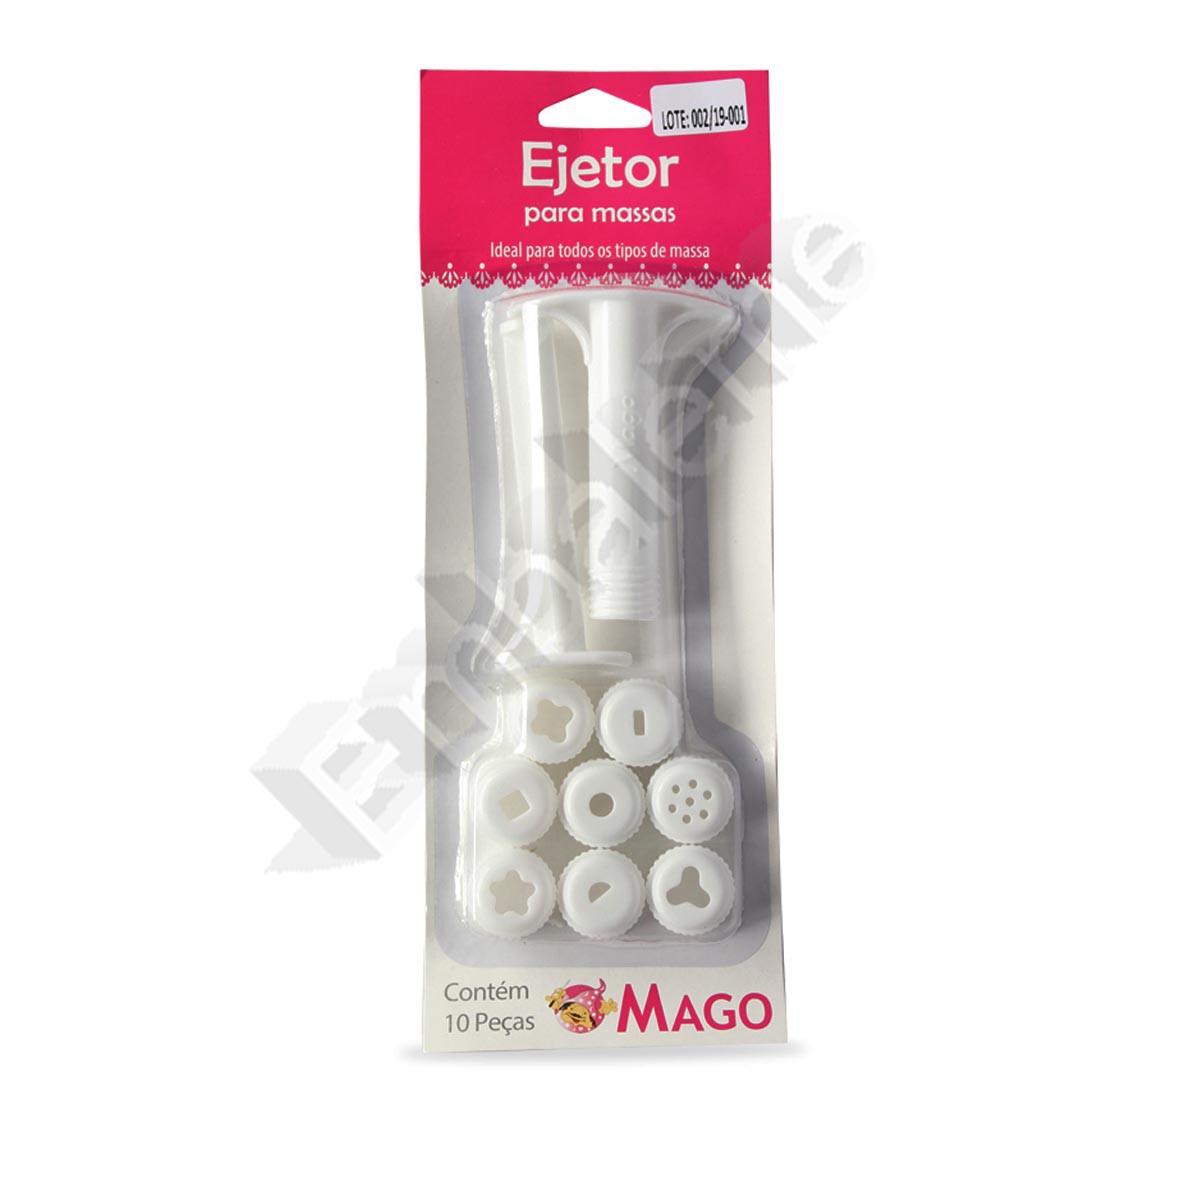 Ejetor Para Massas com 8 discos de Plástico MAGO